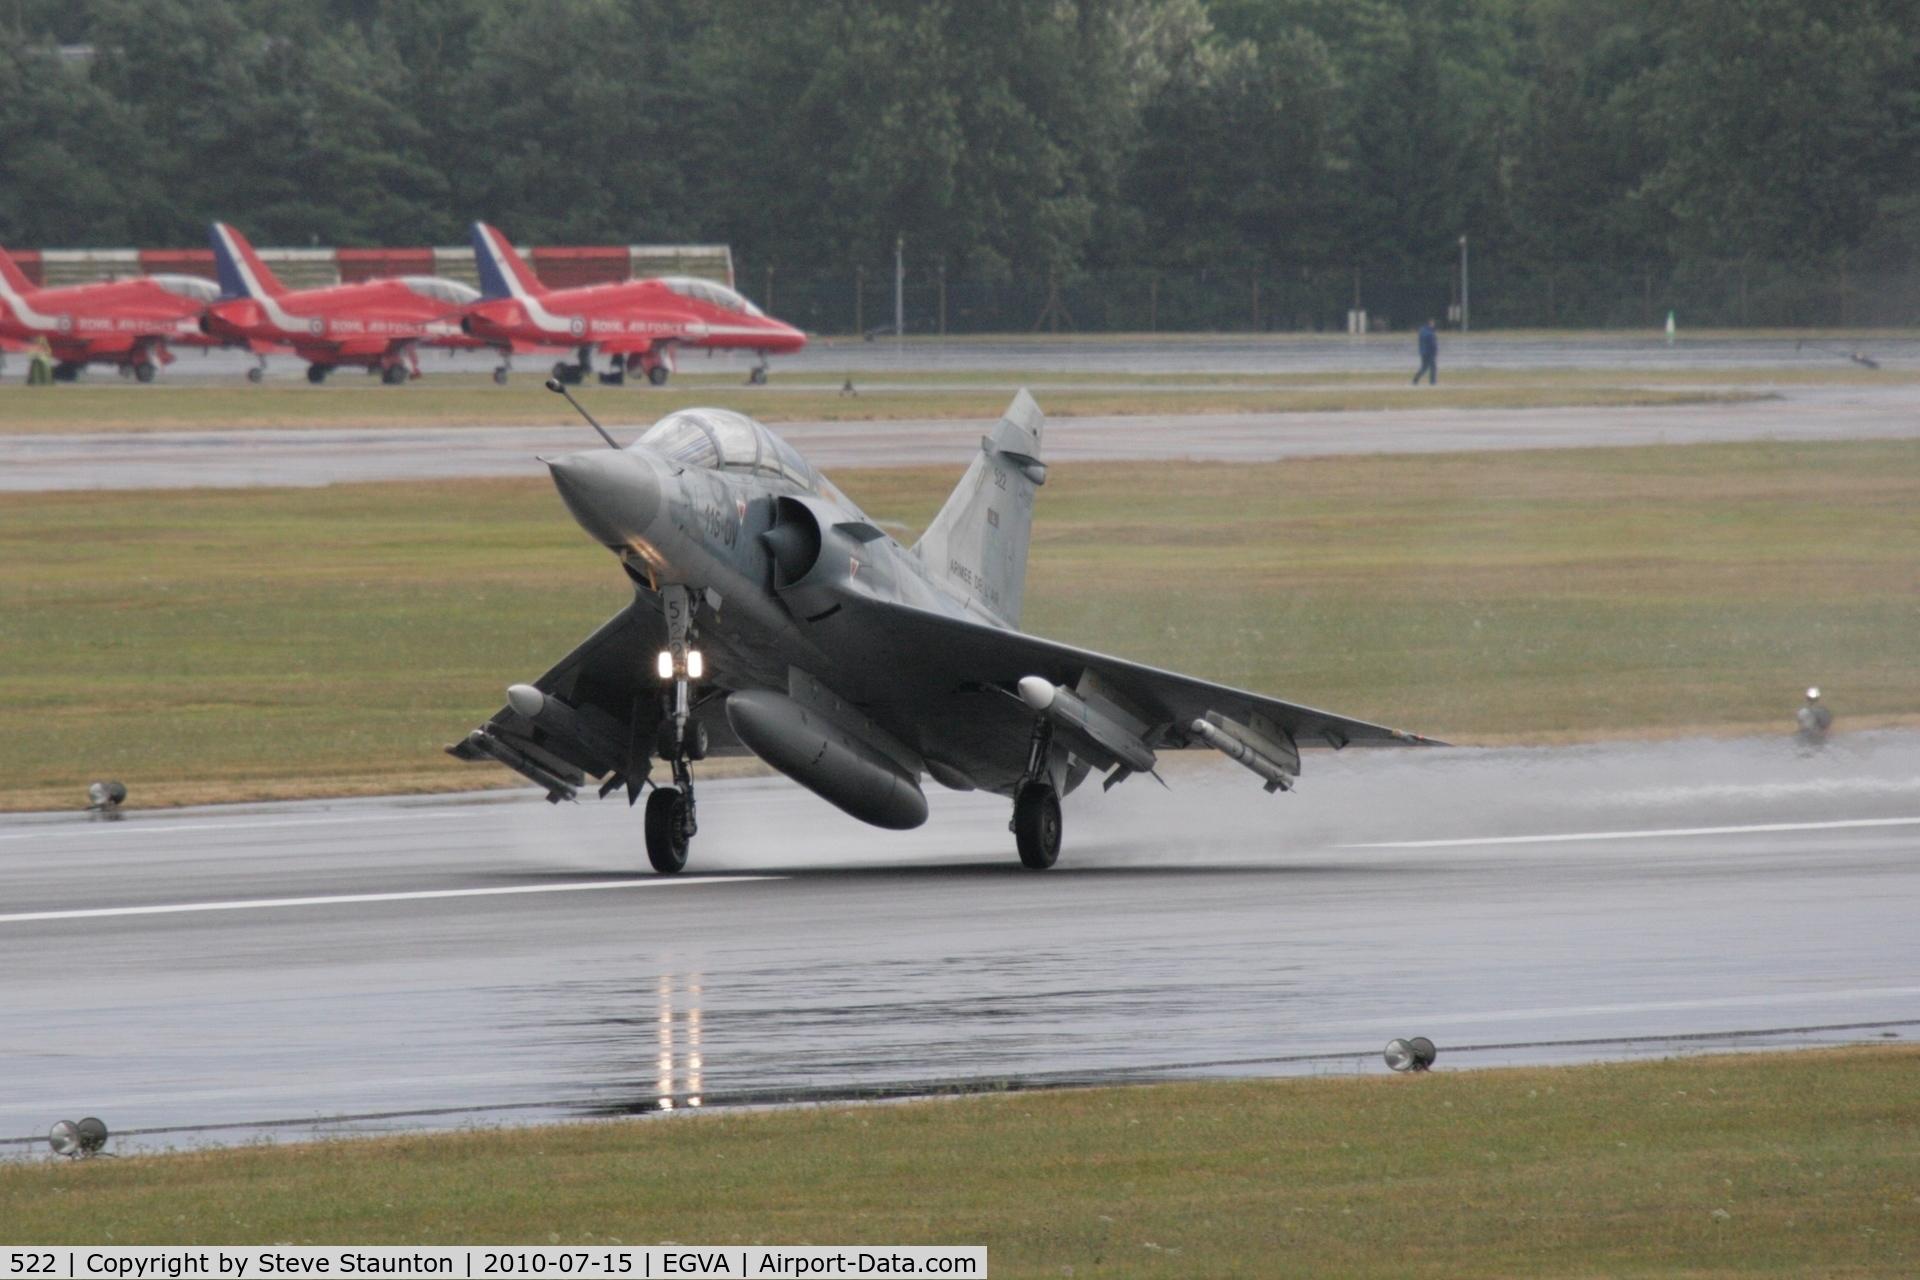 522, Dassault Mirage 2000B C/N 297, Taken at the Royal International Air Tattoo 2010